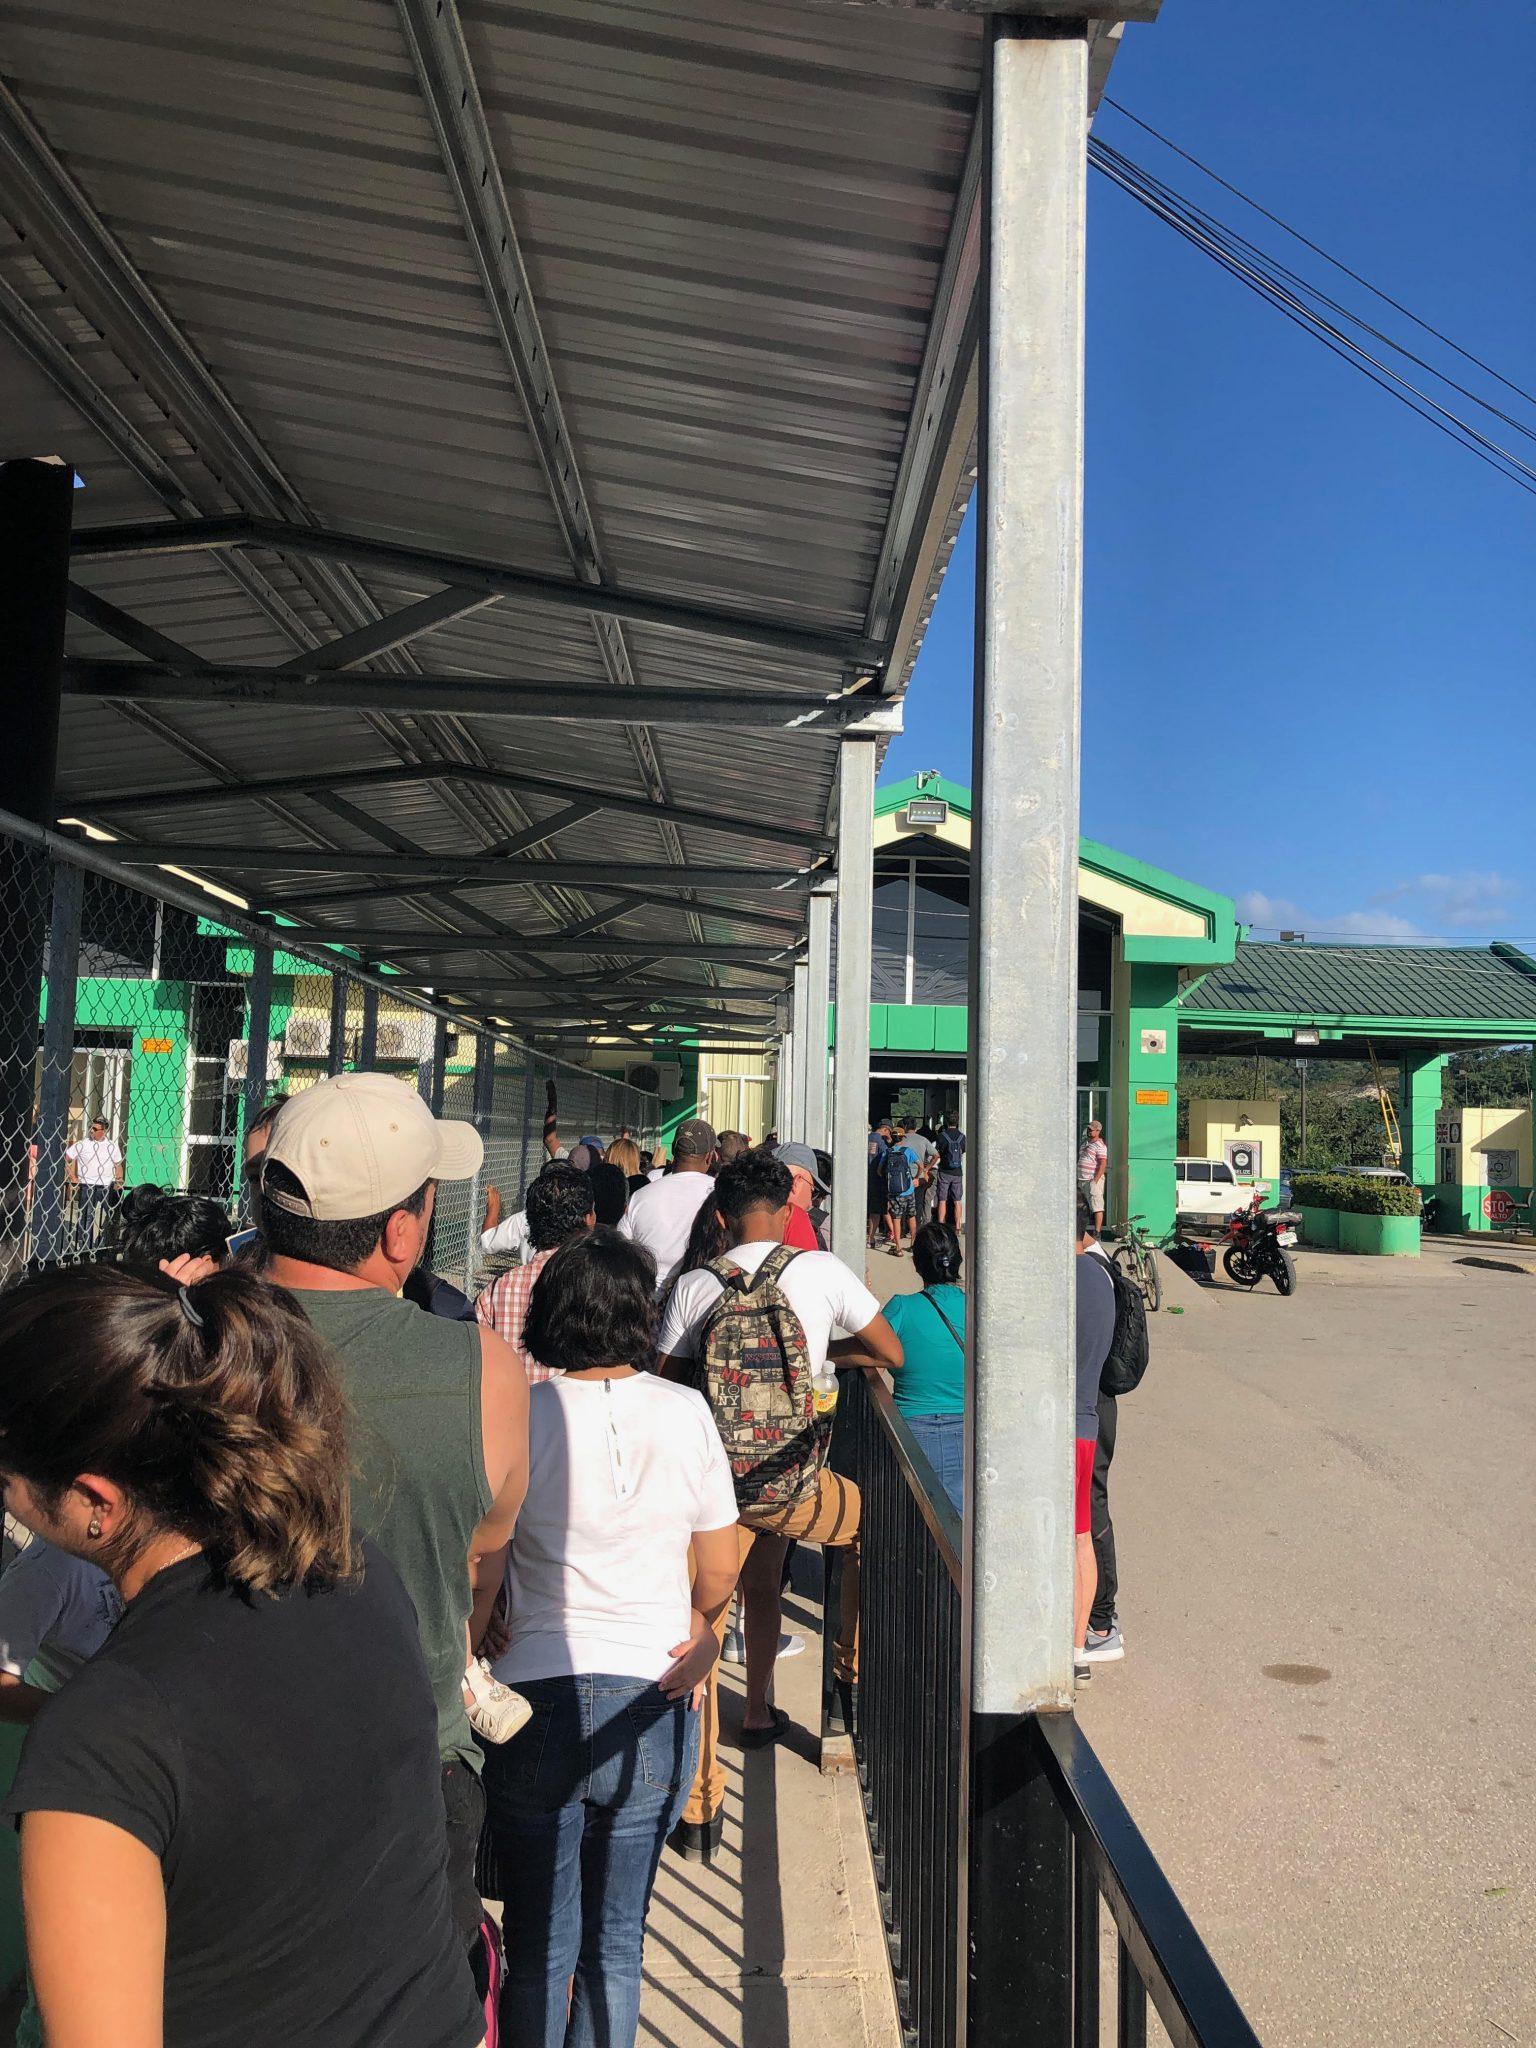 belize Guatemala border